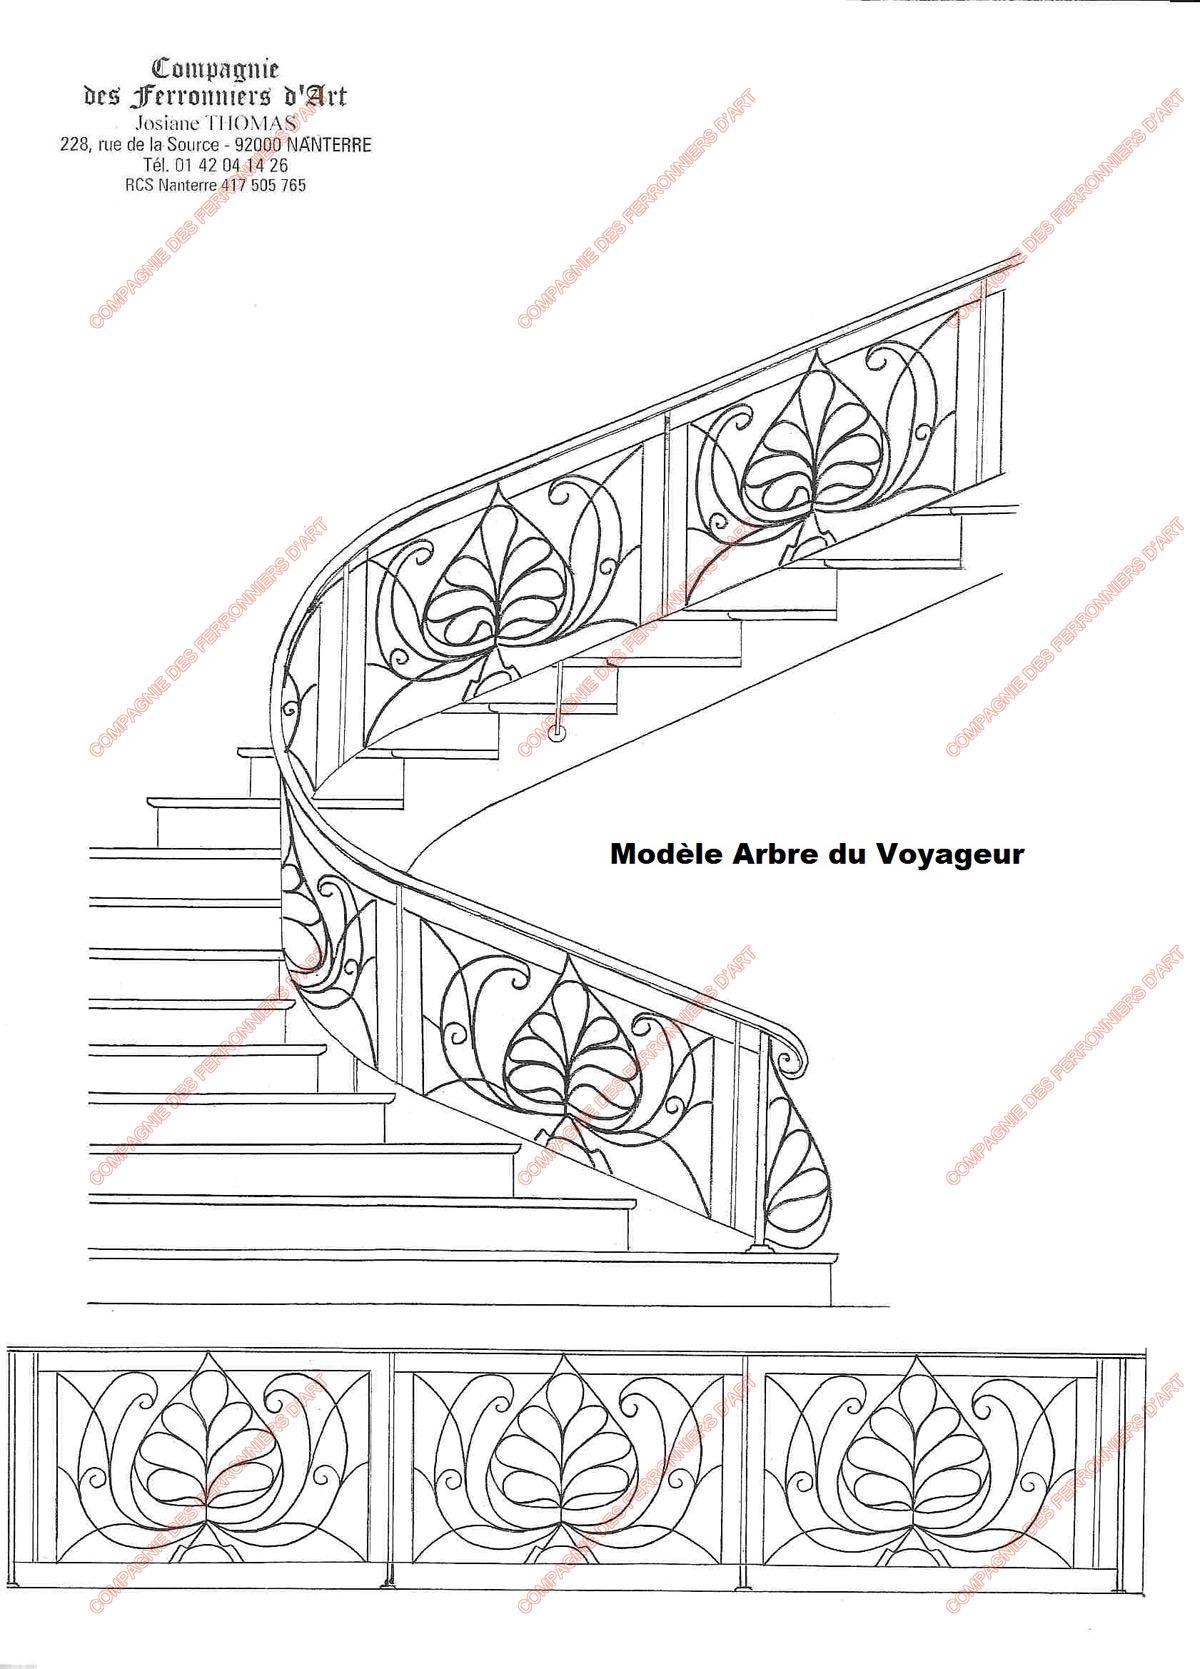 Rampes d 39 escalier en fer forg floral et v g tal mod le arbre du voyageur for Dessin en fer forge